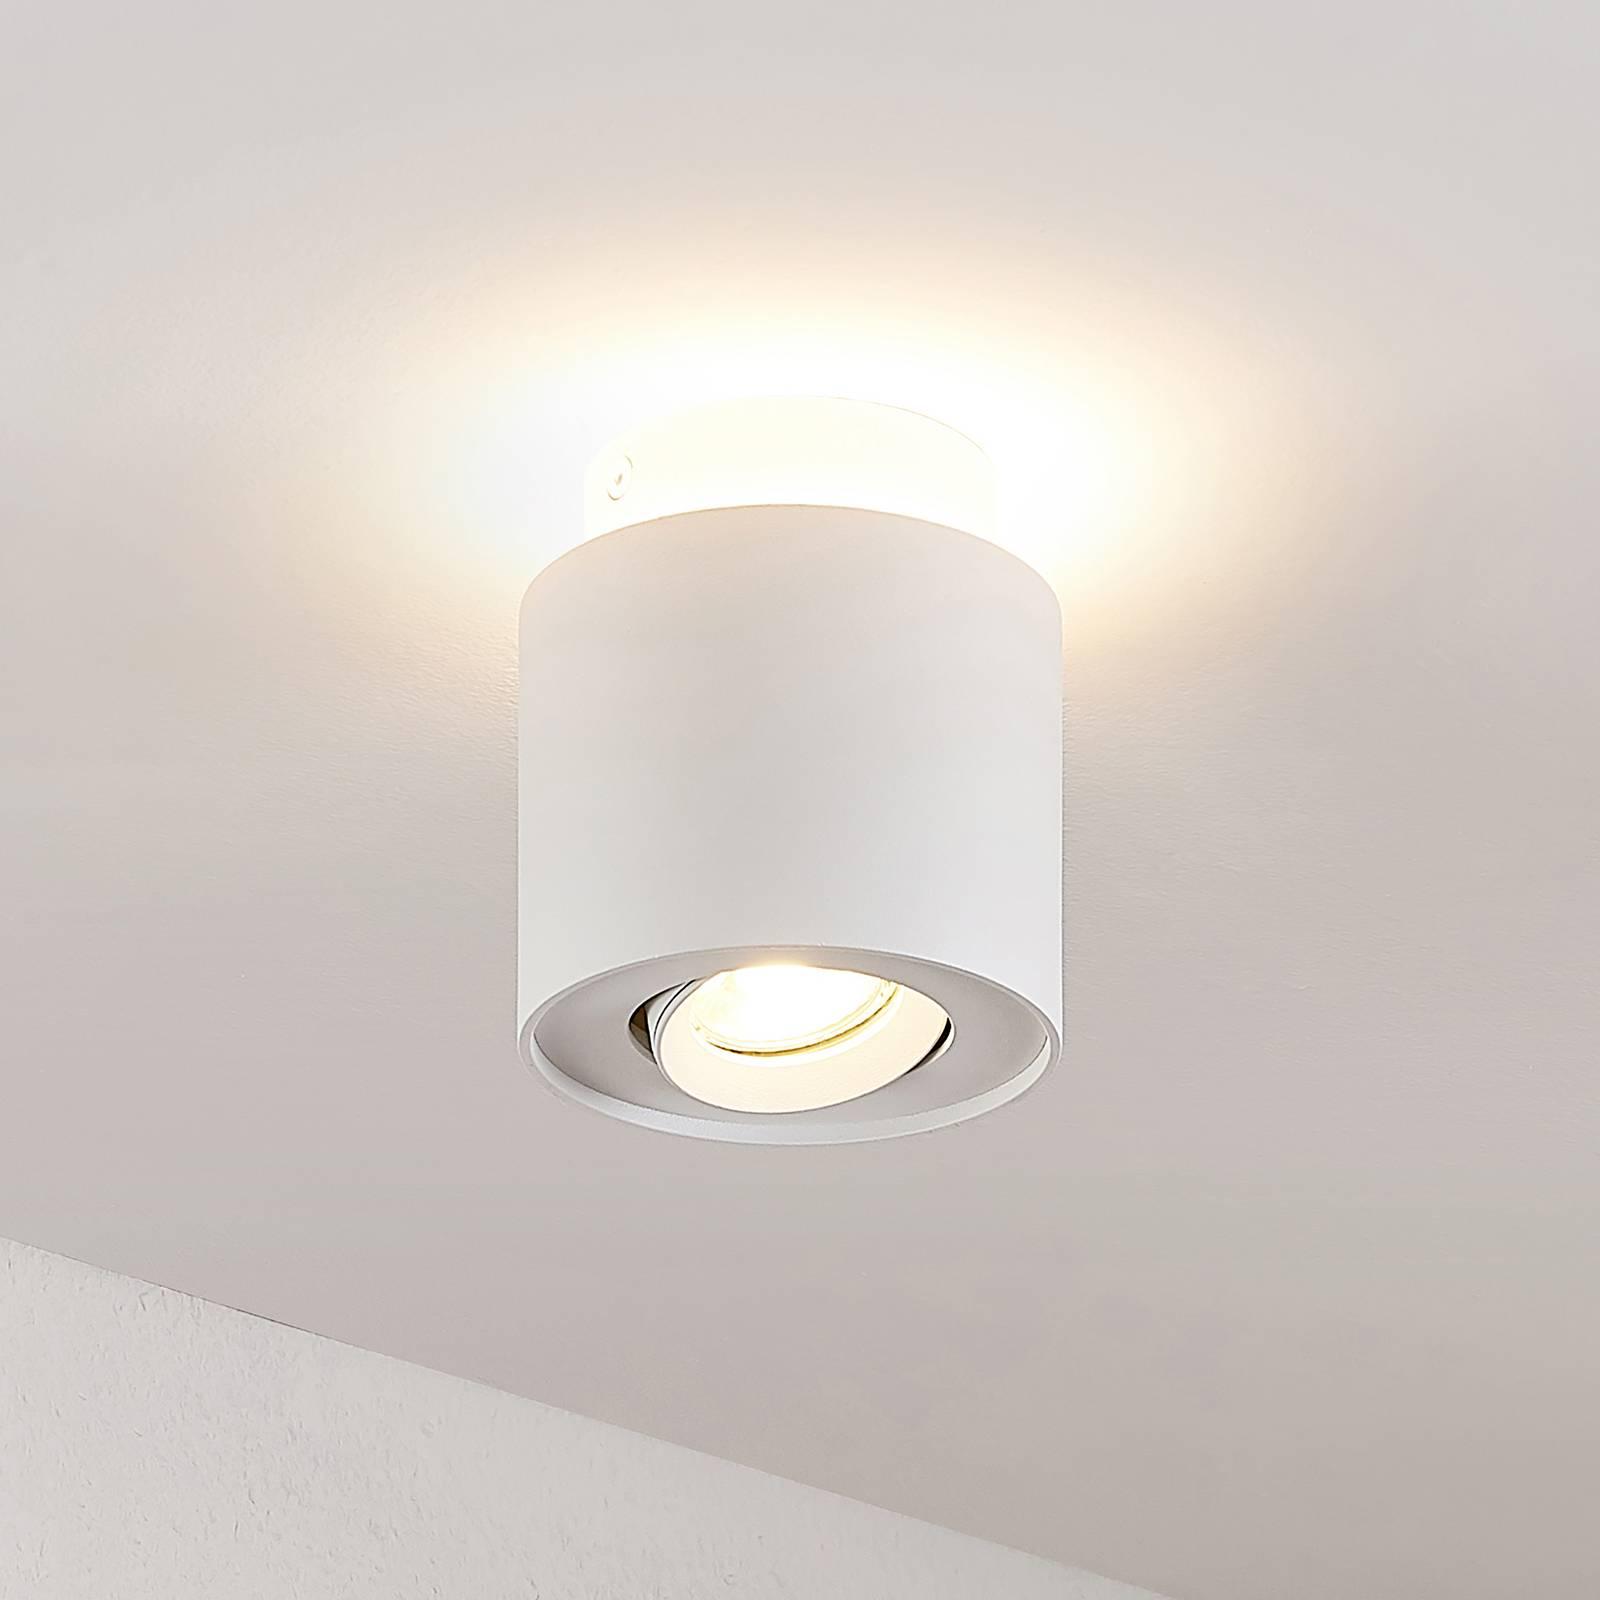 Arcchio Walisa-LED-kattovalaisin, pyöreä valkoinen